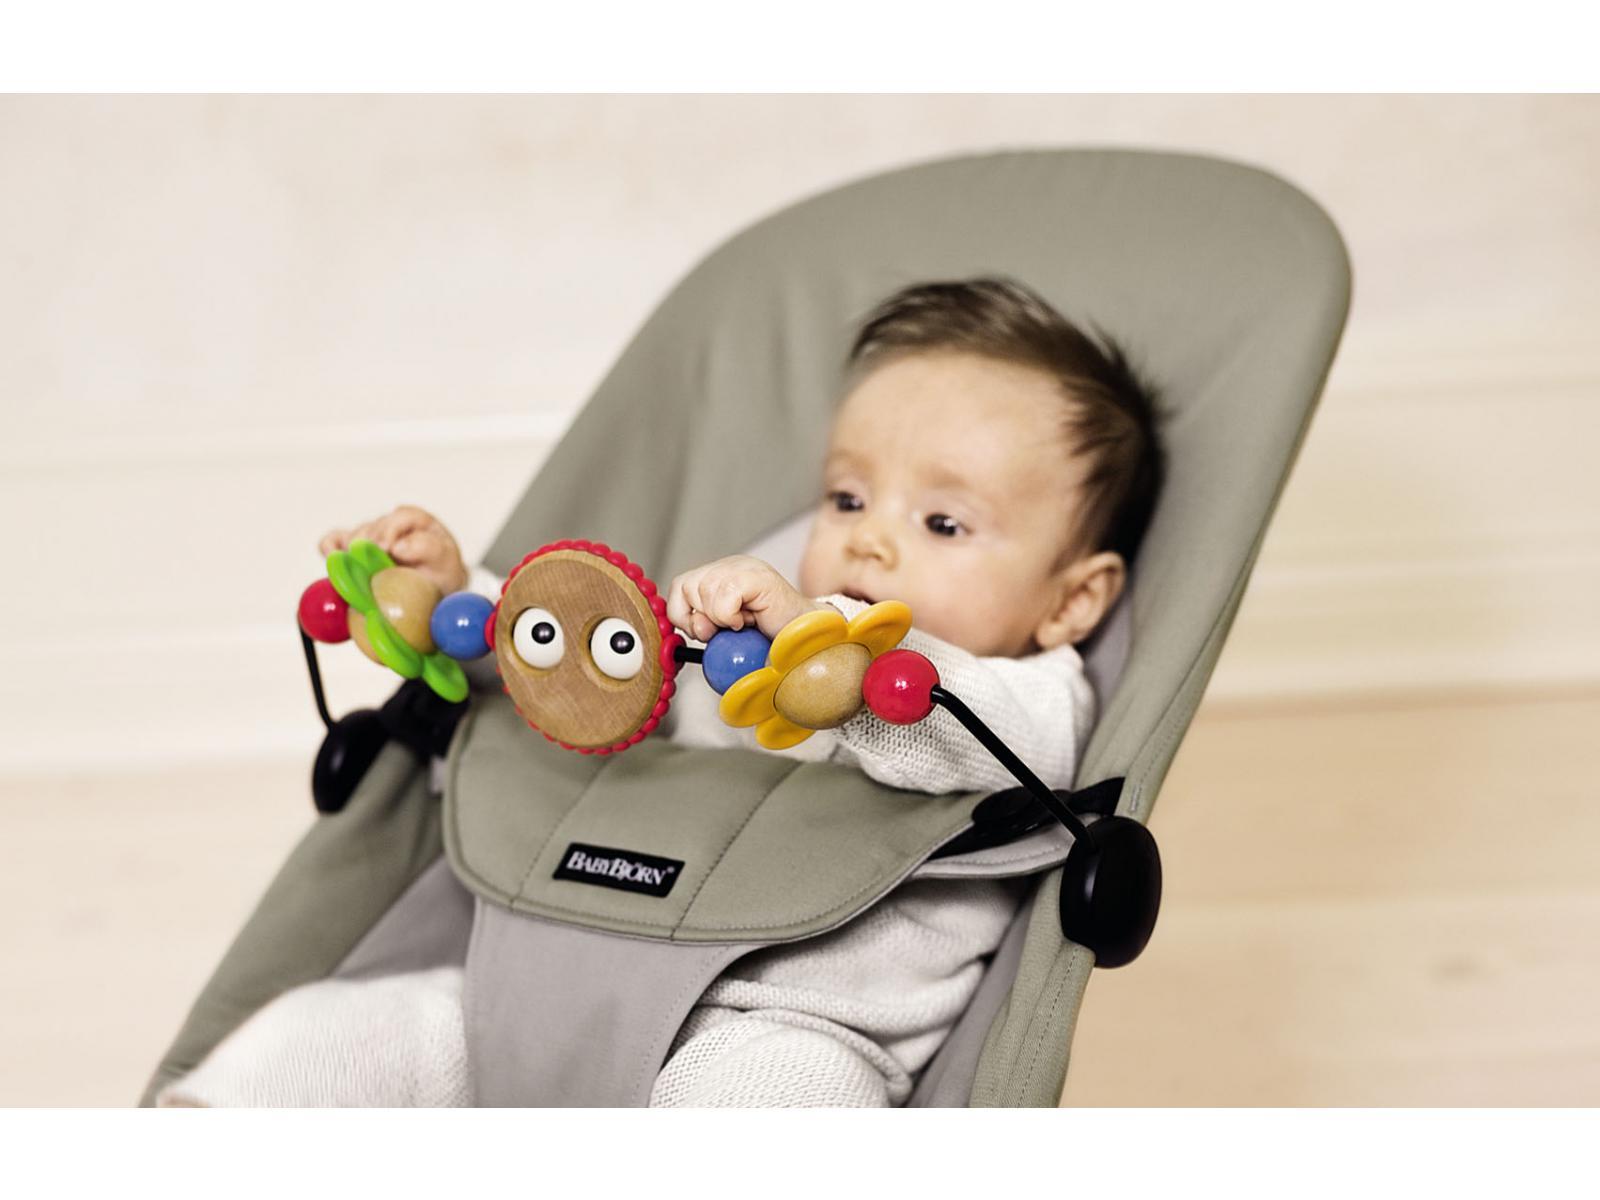 babybjorn jouet en bois pour transat yeux espi gles. Black Bedroom Furniture Sets. Home Design Ideas